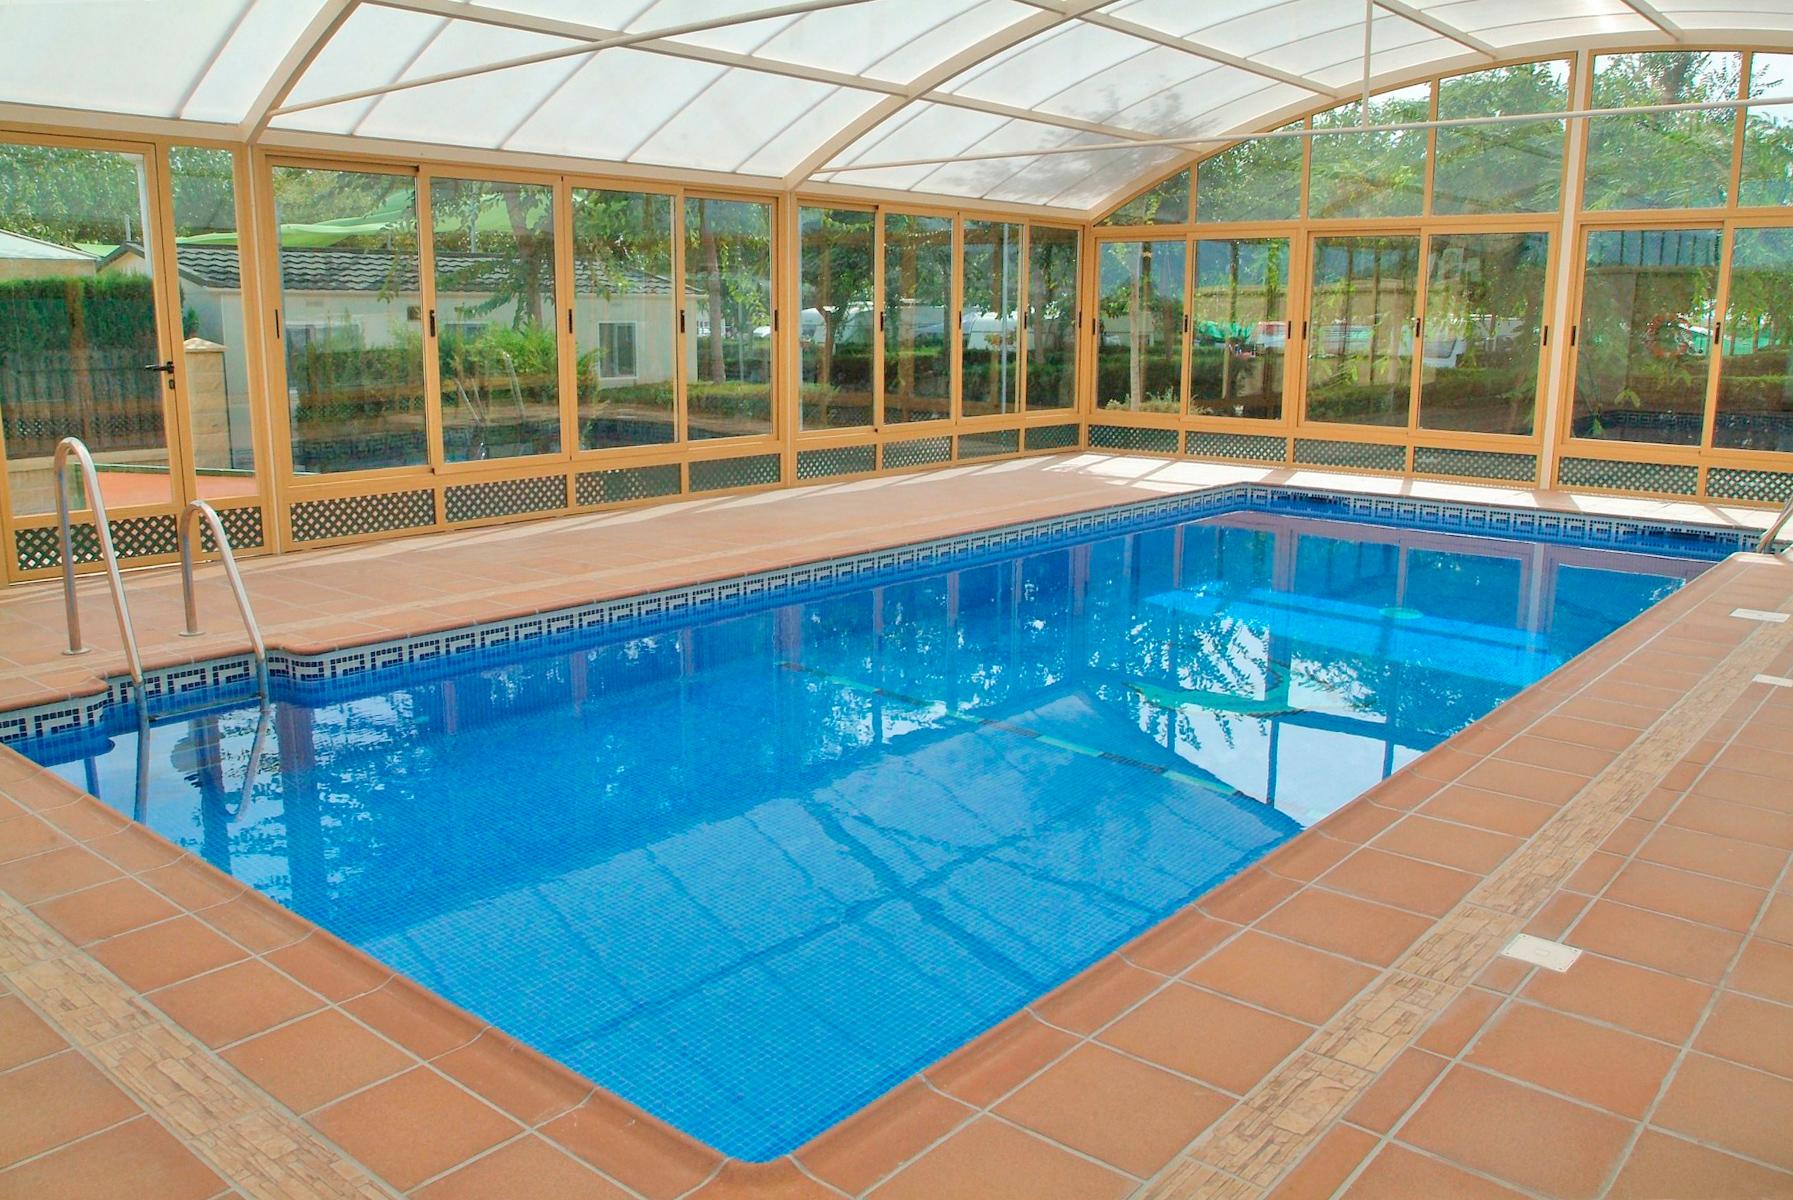 piscina climatizada camping almanat On piscina climatizada verin